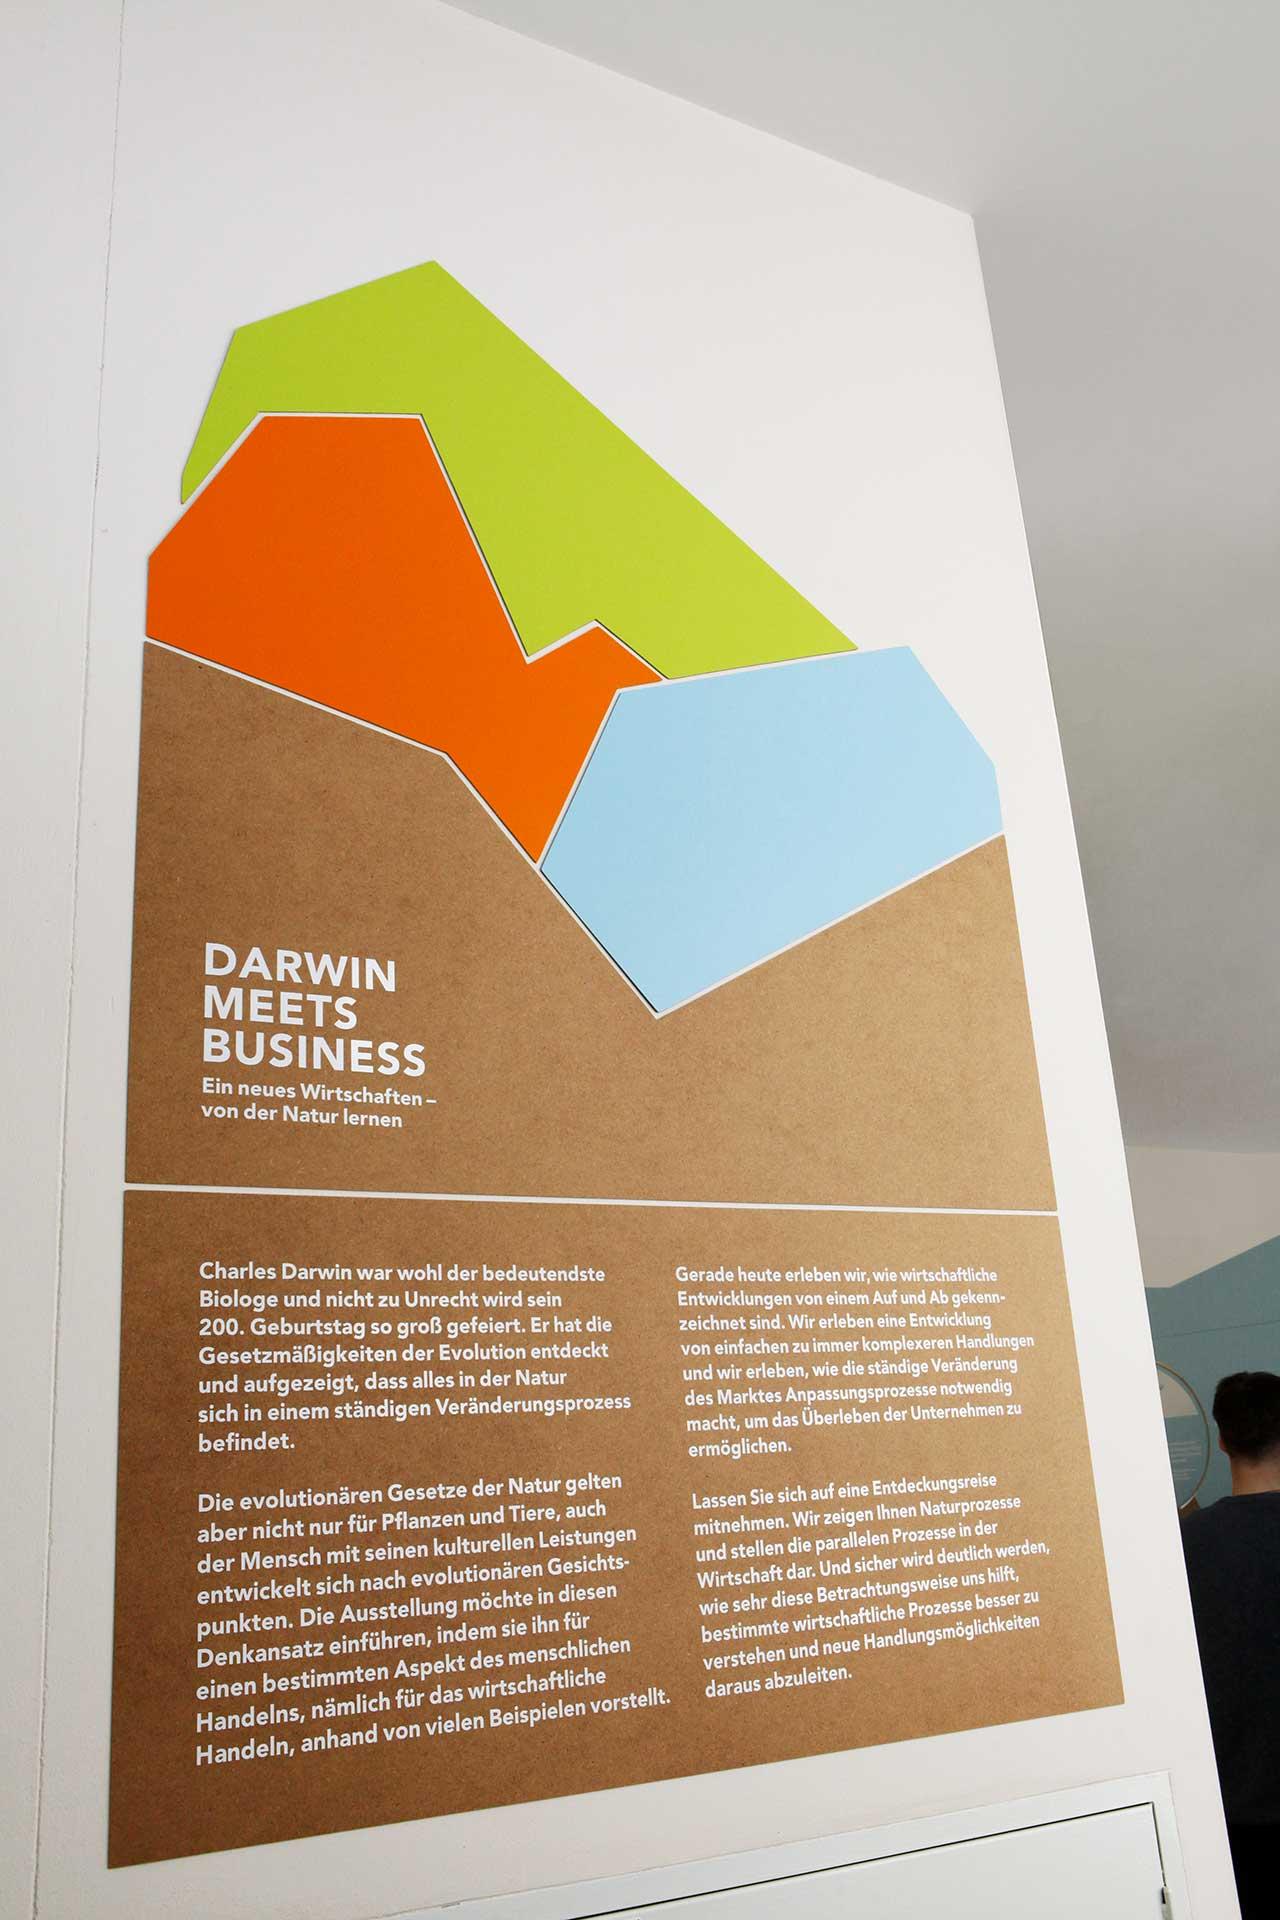 Darwin Meets Business Michel Magens